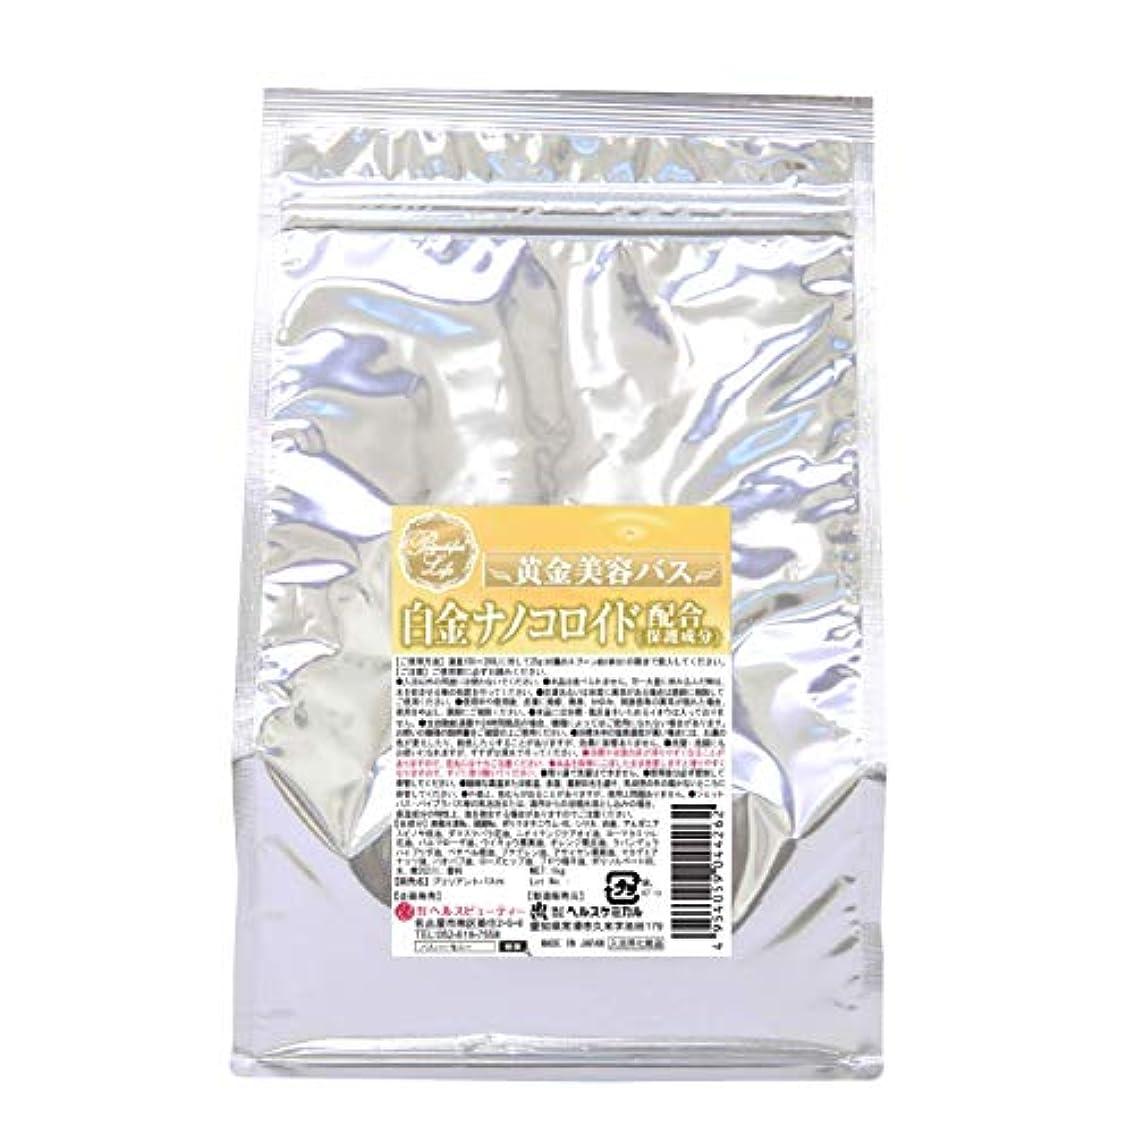 現代革新生命体入浴剤 湯匠仕込 白金ナノコロイド配合 1kg 50回分 お徳用